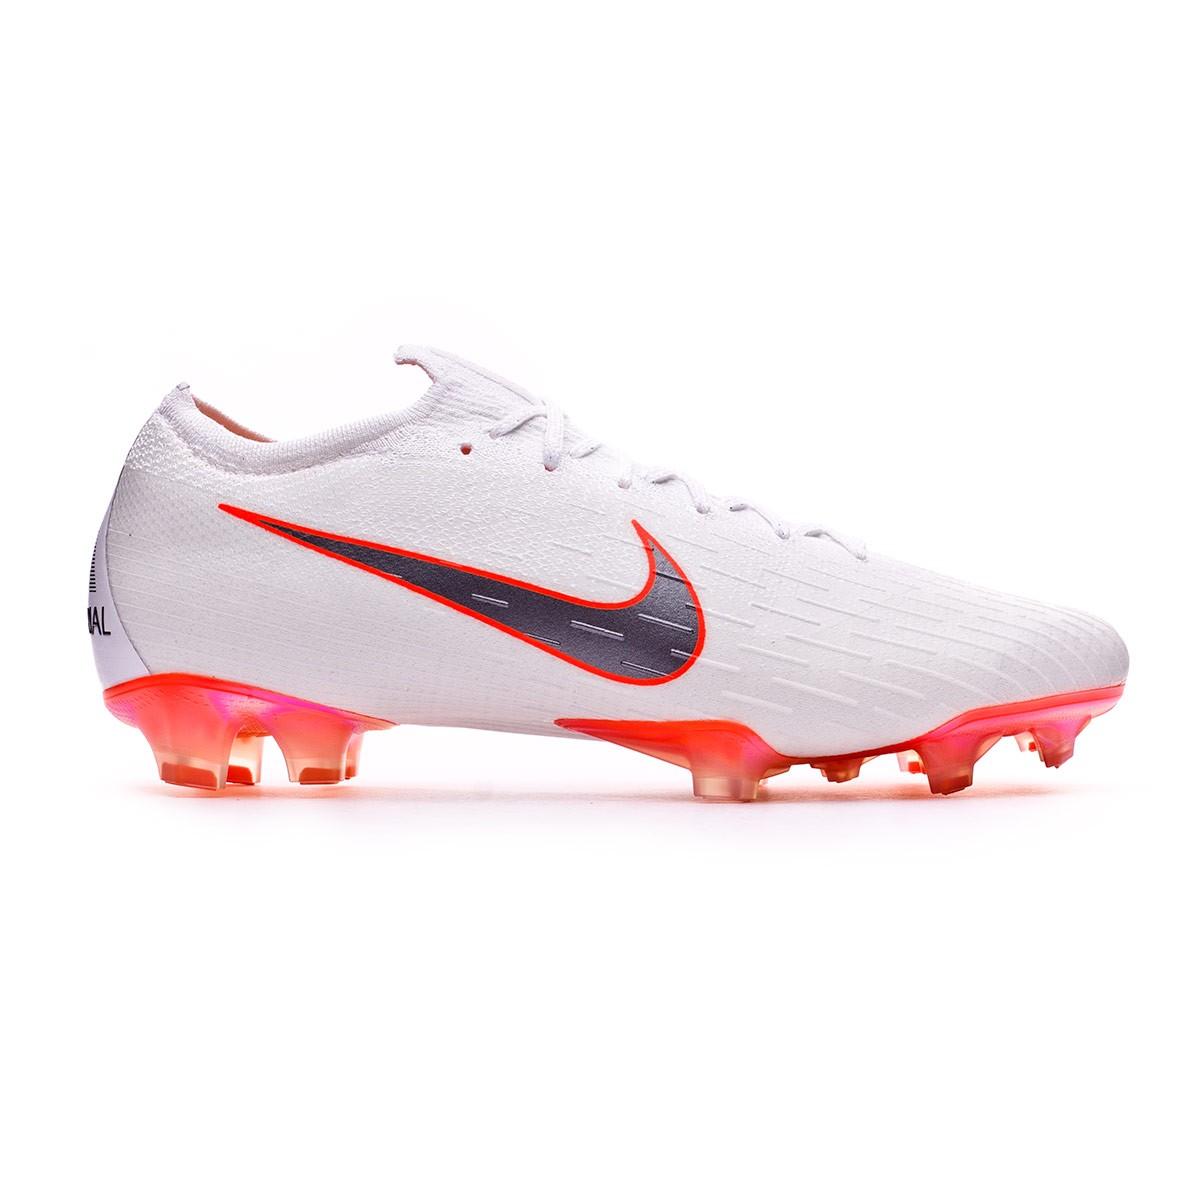 new style 3b5da 43084 Football Boots Nike Mercurial Vapor XII Elite FG White-Metallic cool  grey-Total orange - Football store Fútbol Emotion